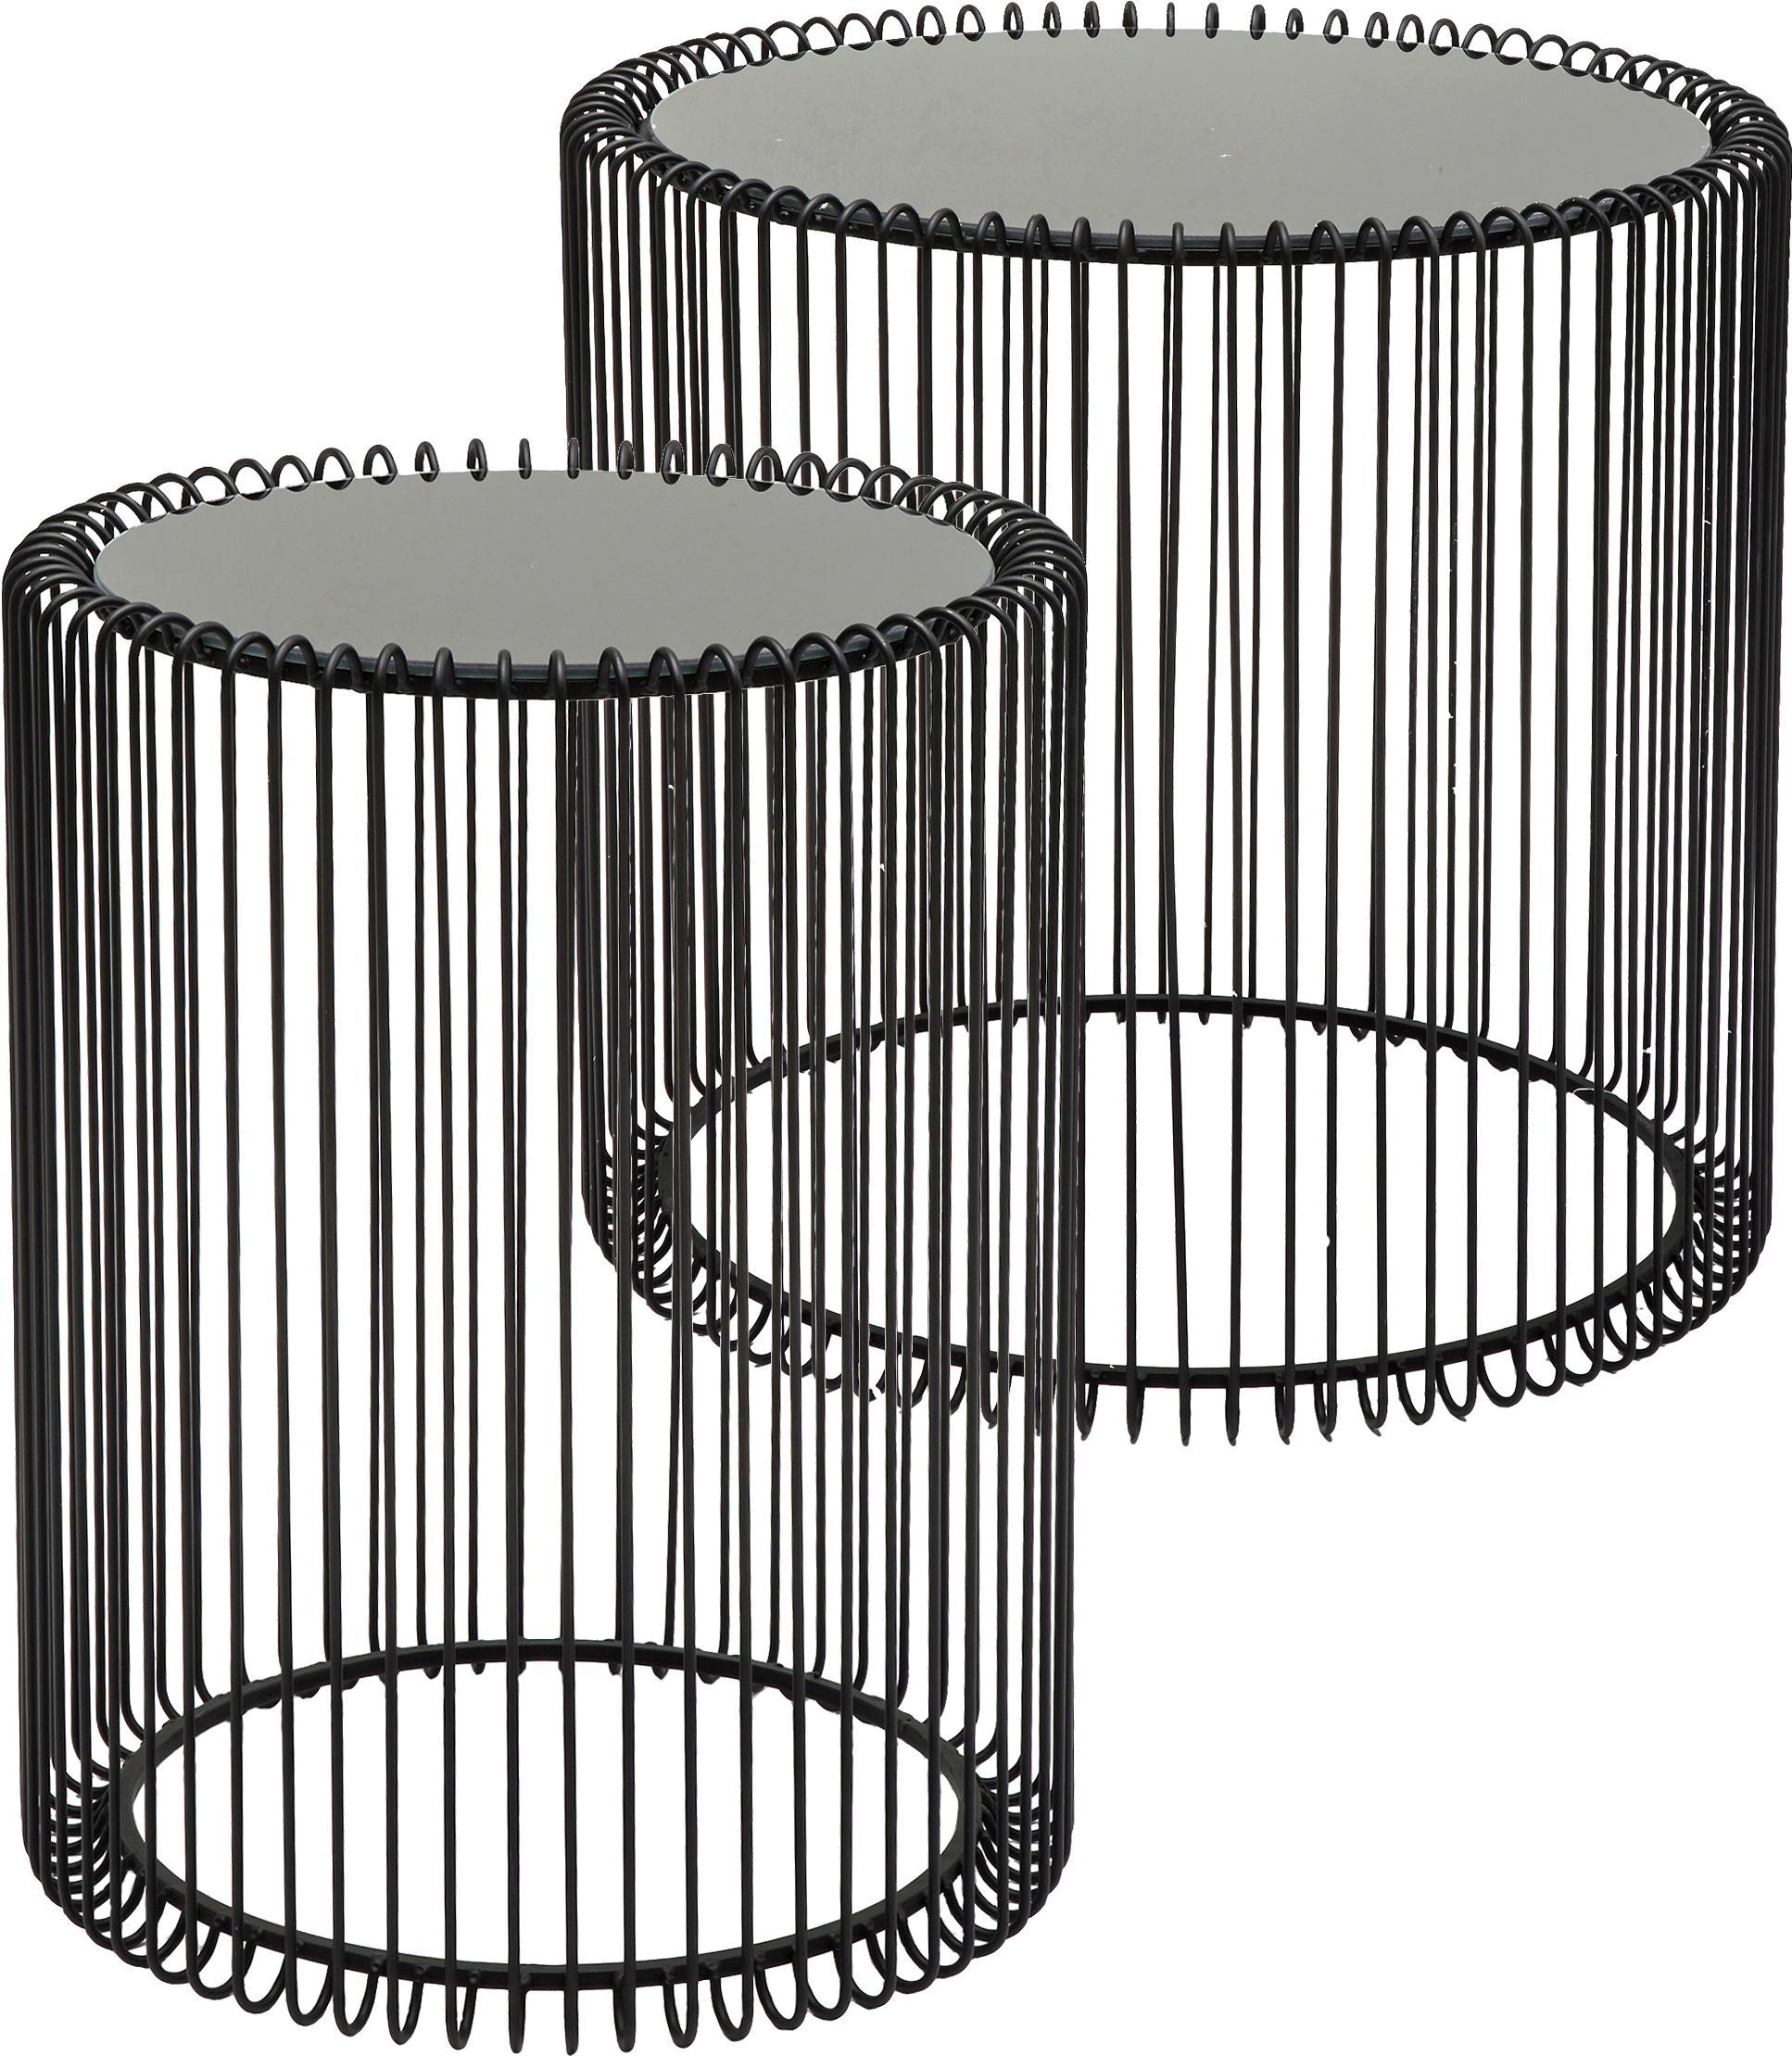 Metalen bijzettafel Wire met glazen tafelblad, 2-delig, Frame: gepoedercoat metaal, Tafelblad: veiligheidsglas met folie, Zwart, Set met verschillende formaten